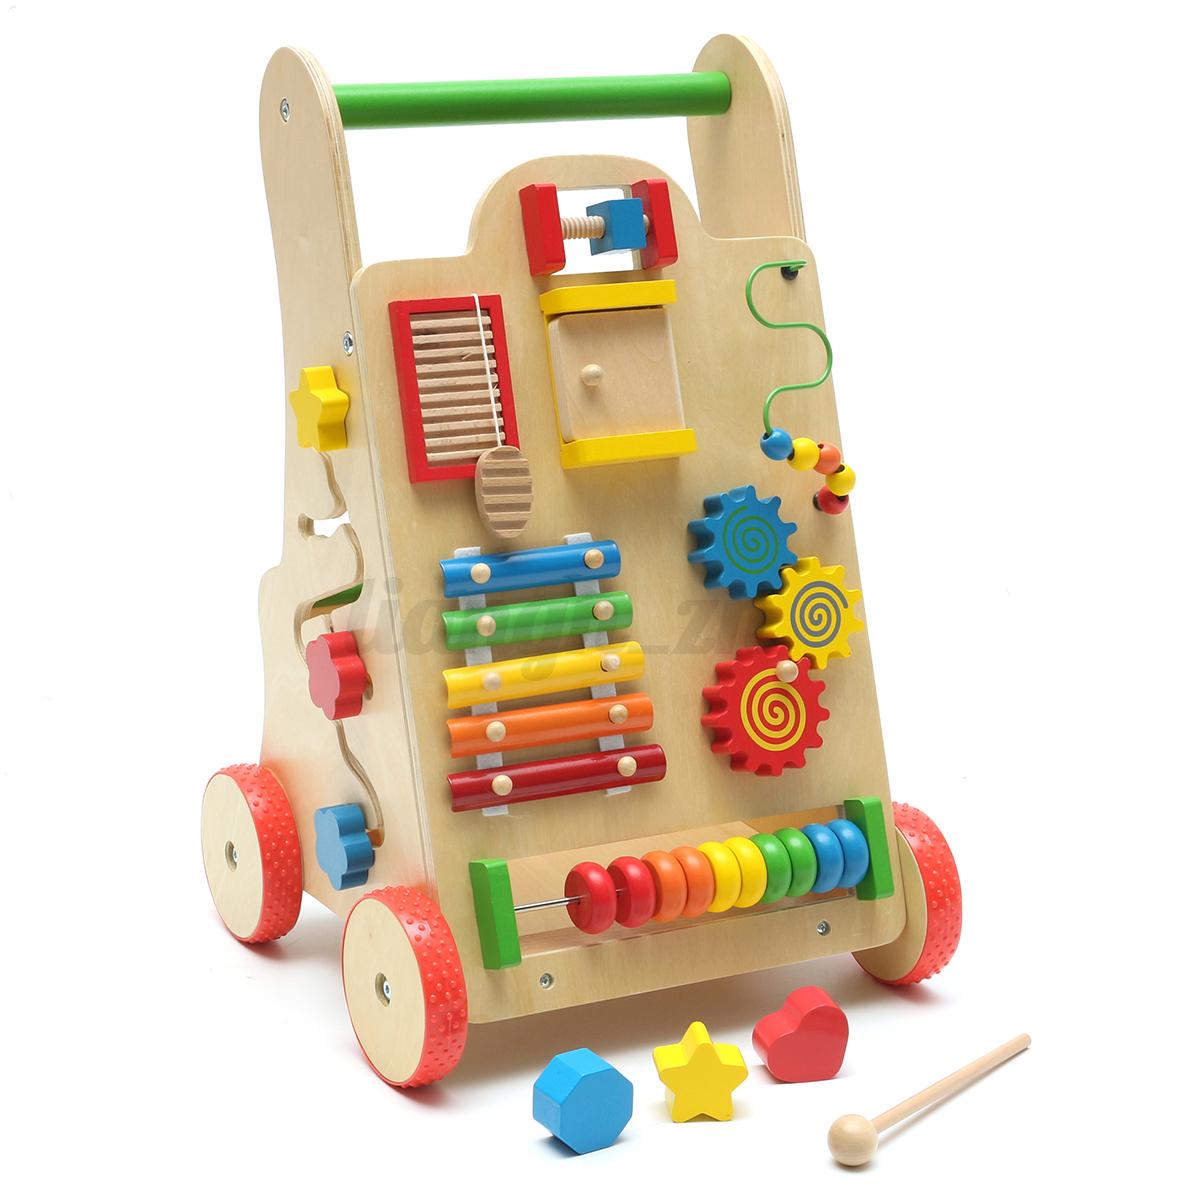 activit musique bois marcheur trotteur porteur pousseur b b toddler jeux jouet. Black Bedroom Furniture Sets. Home Design Ideas